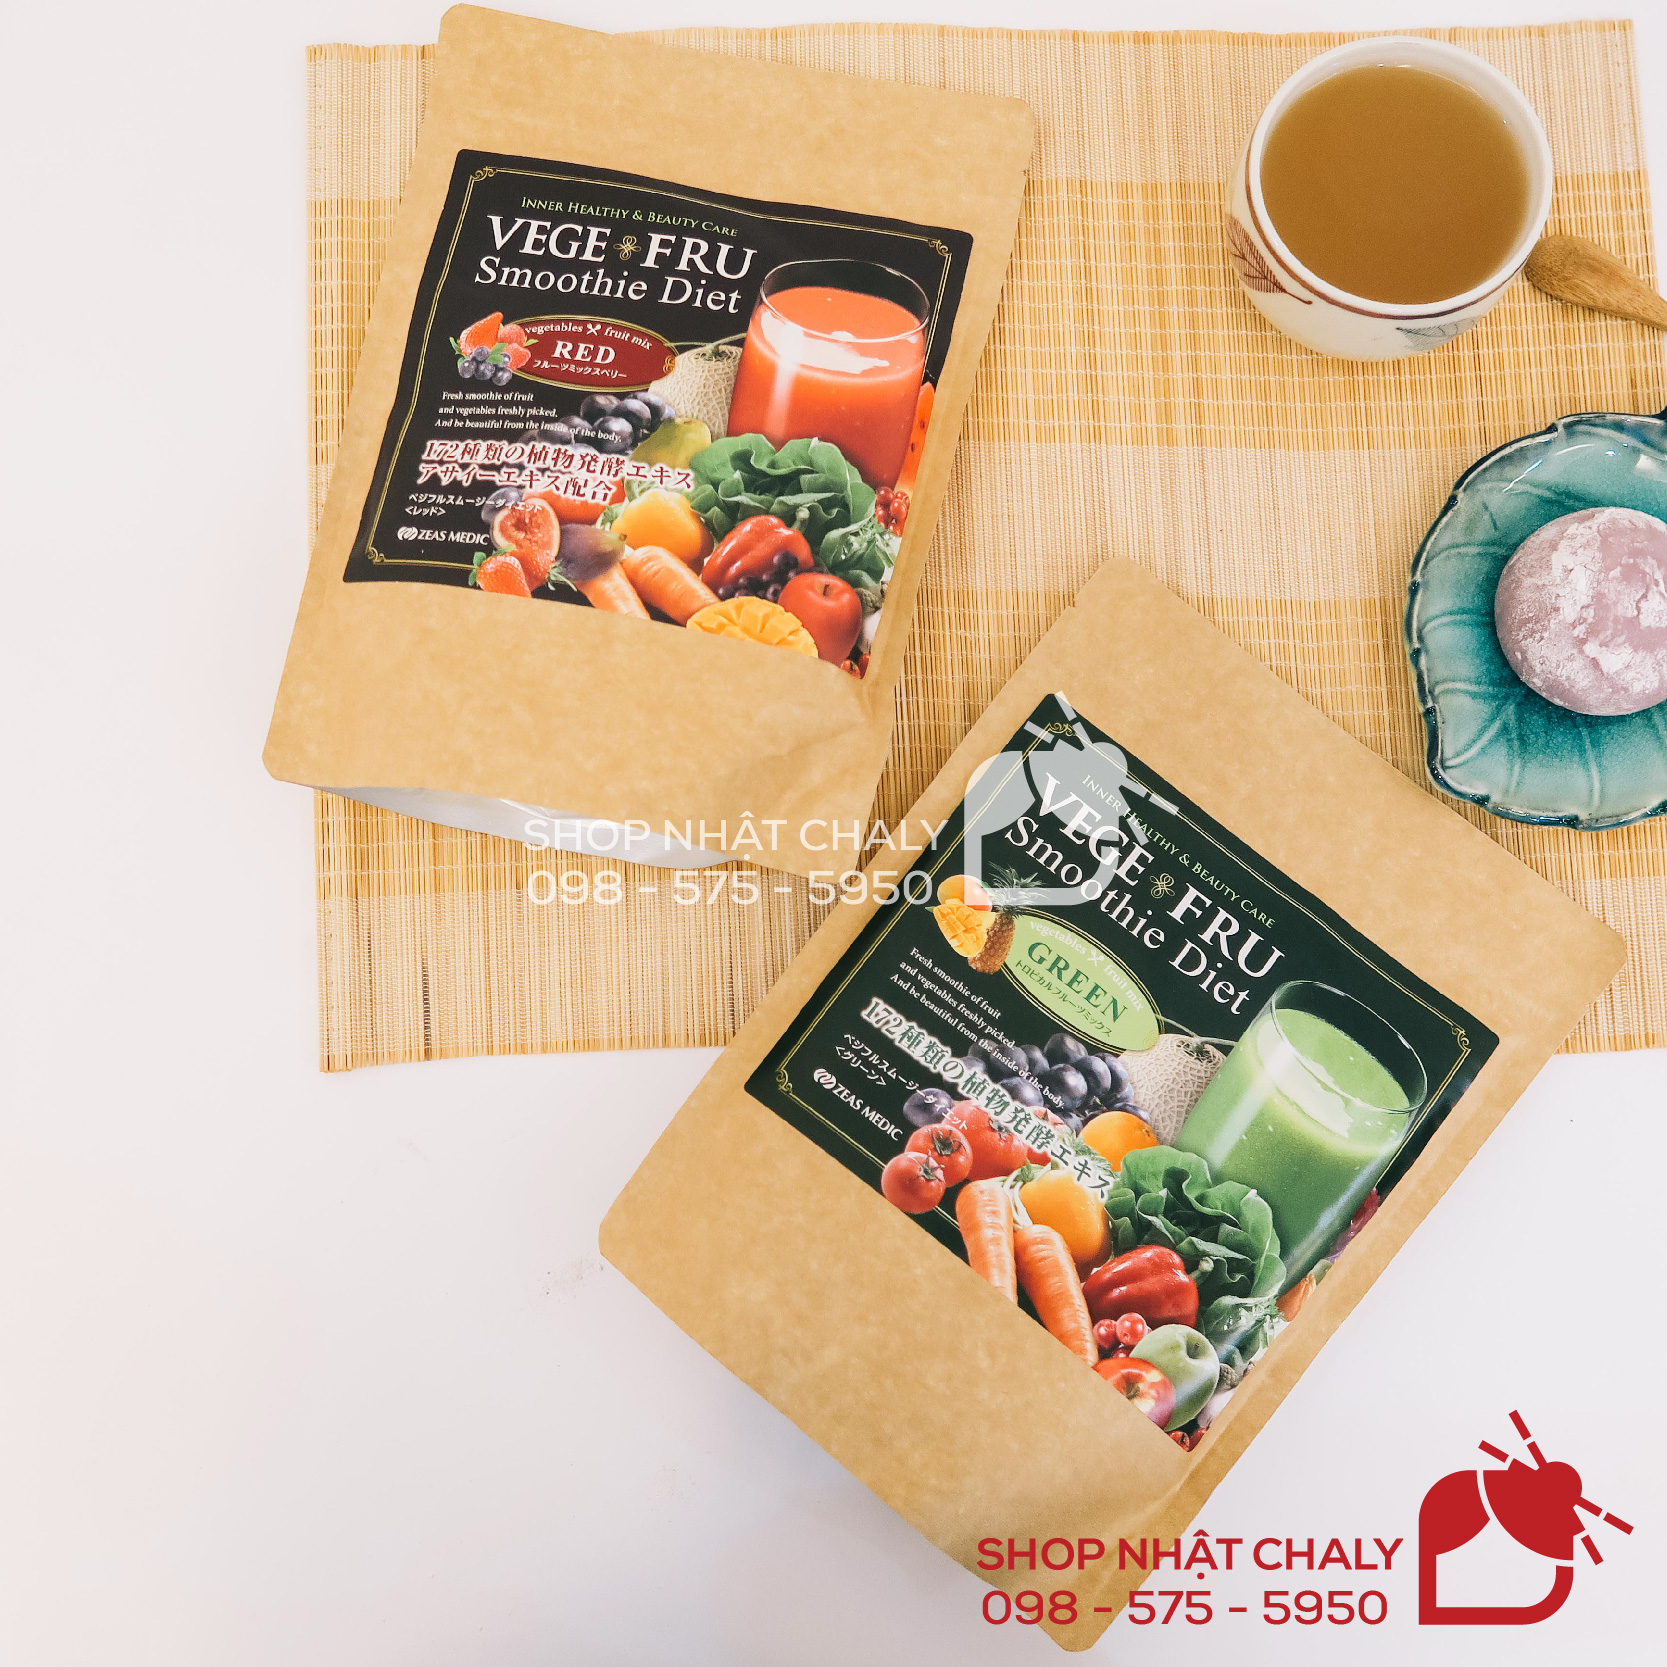 Bột sinh tố giảm cân Nhật Vege Fru smoothie diet Nhật Bản là phương pháp giảm cân lành mạnh, được chị em Nhật yêu thích. Vege Fru không chỉ giúp giảm cân mà còn dưỡng đẹp da